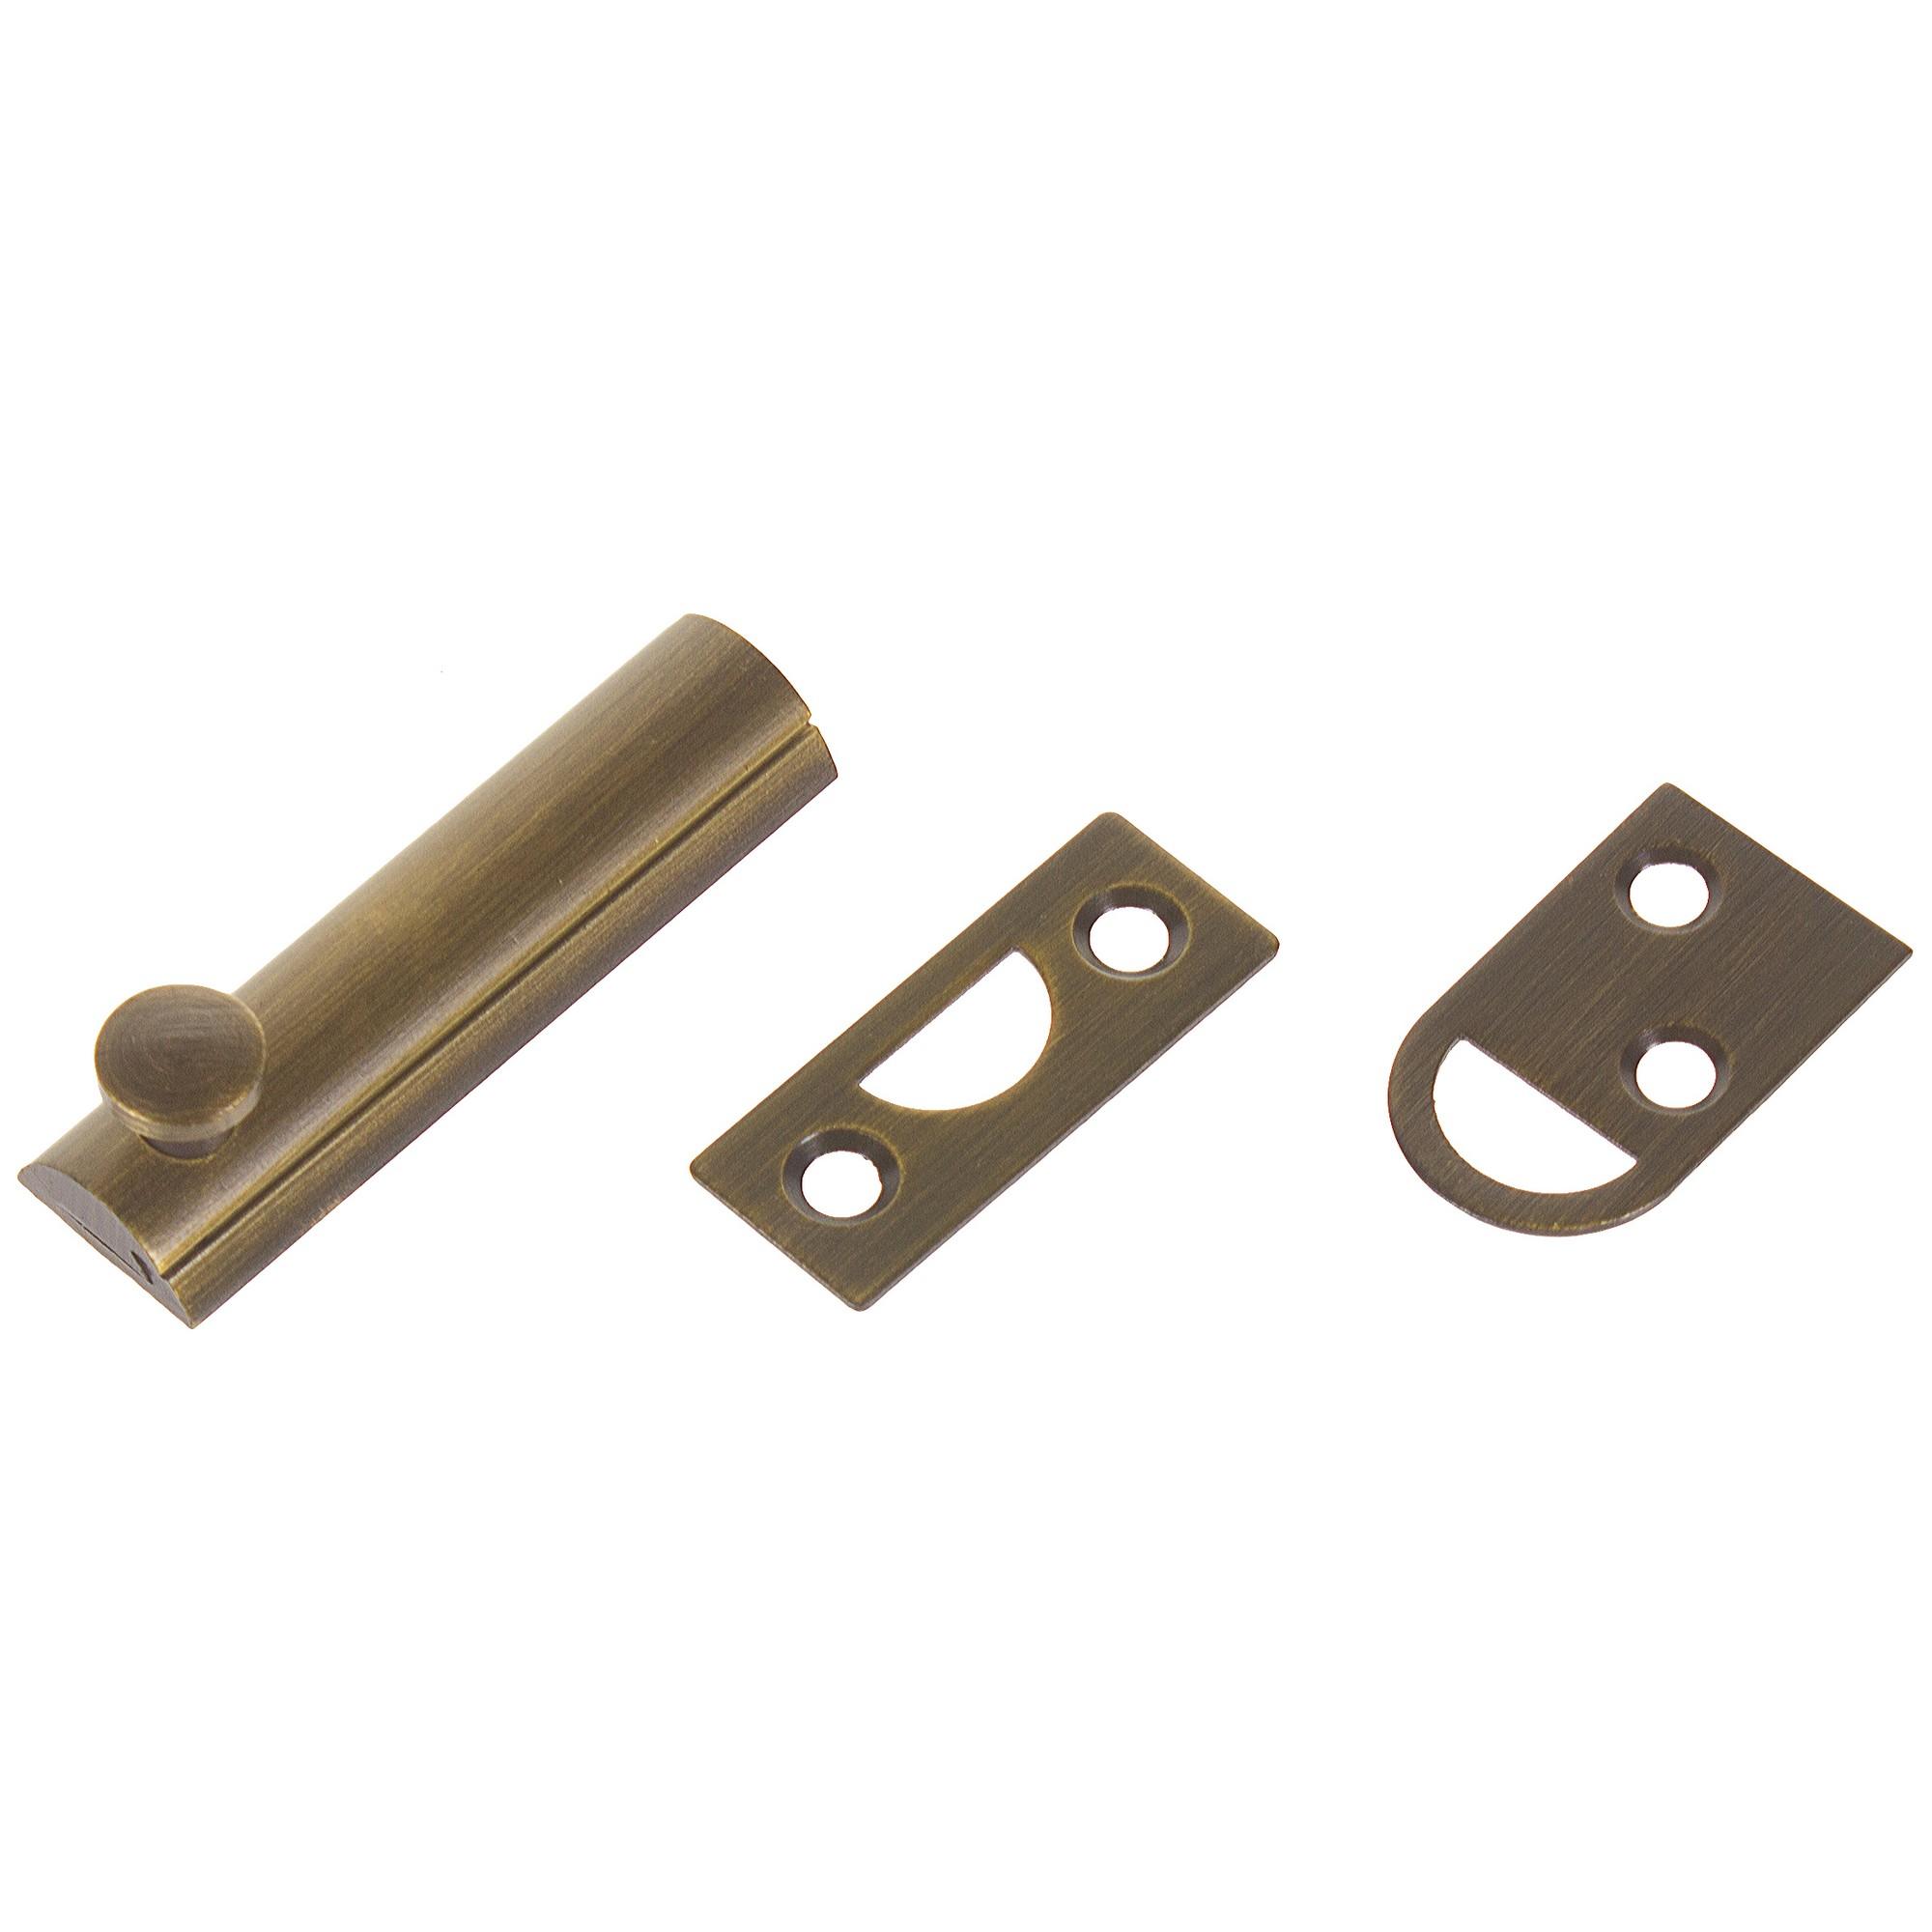 Задвижка механическая Amig Модель 600-60, 60х17 мм, сталь, цвет бронза